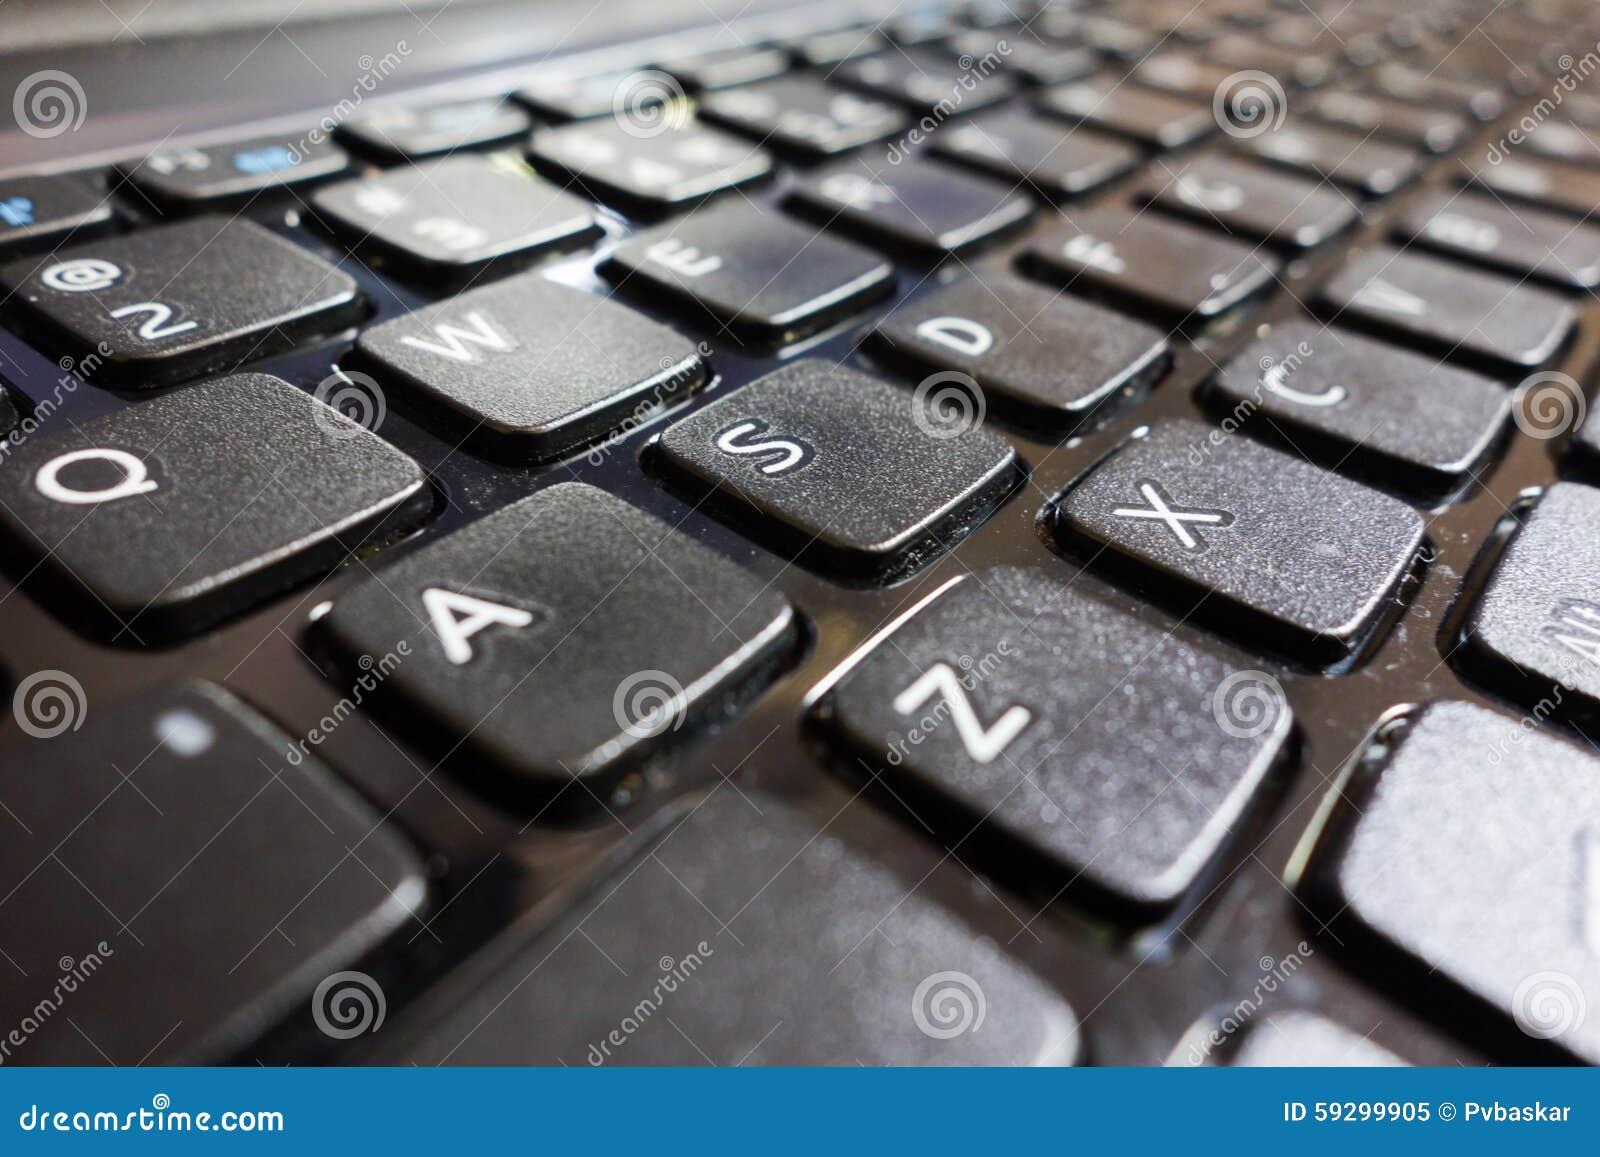 Teclado de ordenador imagen de archivo imagen de teclado - Foto teclado ordenador ...